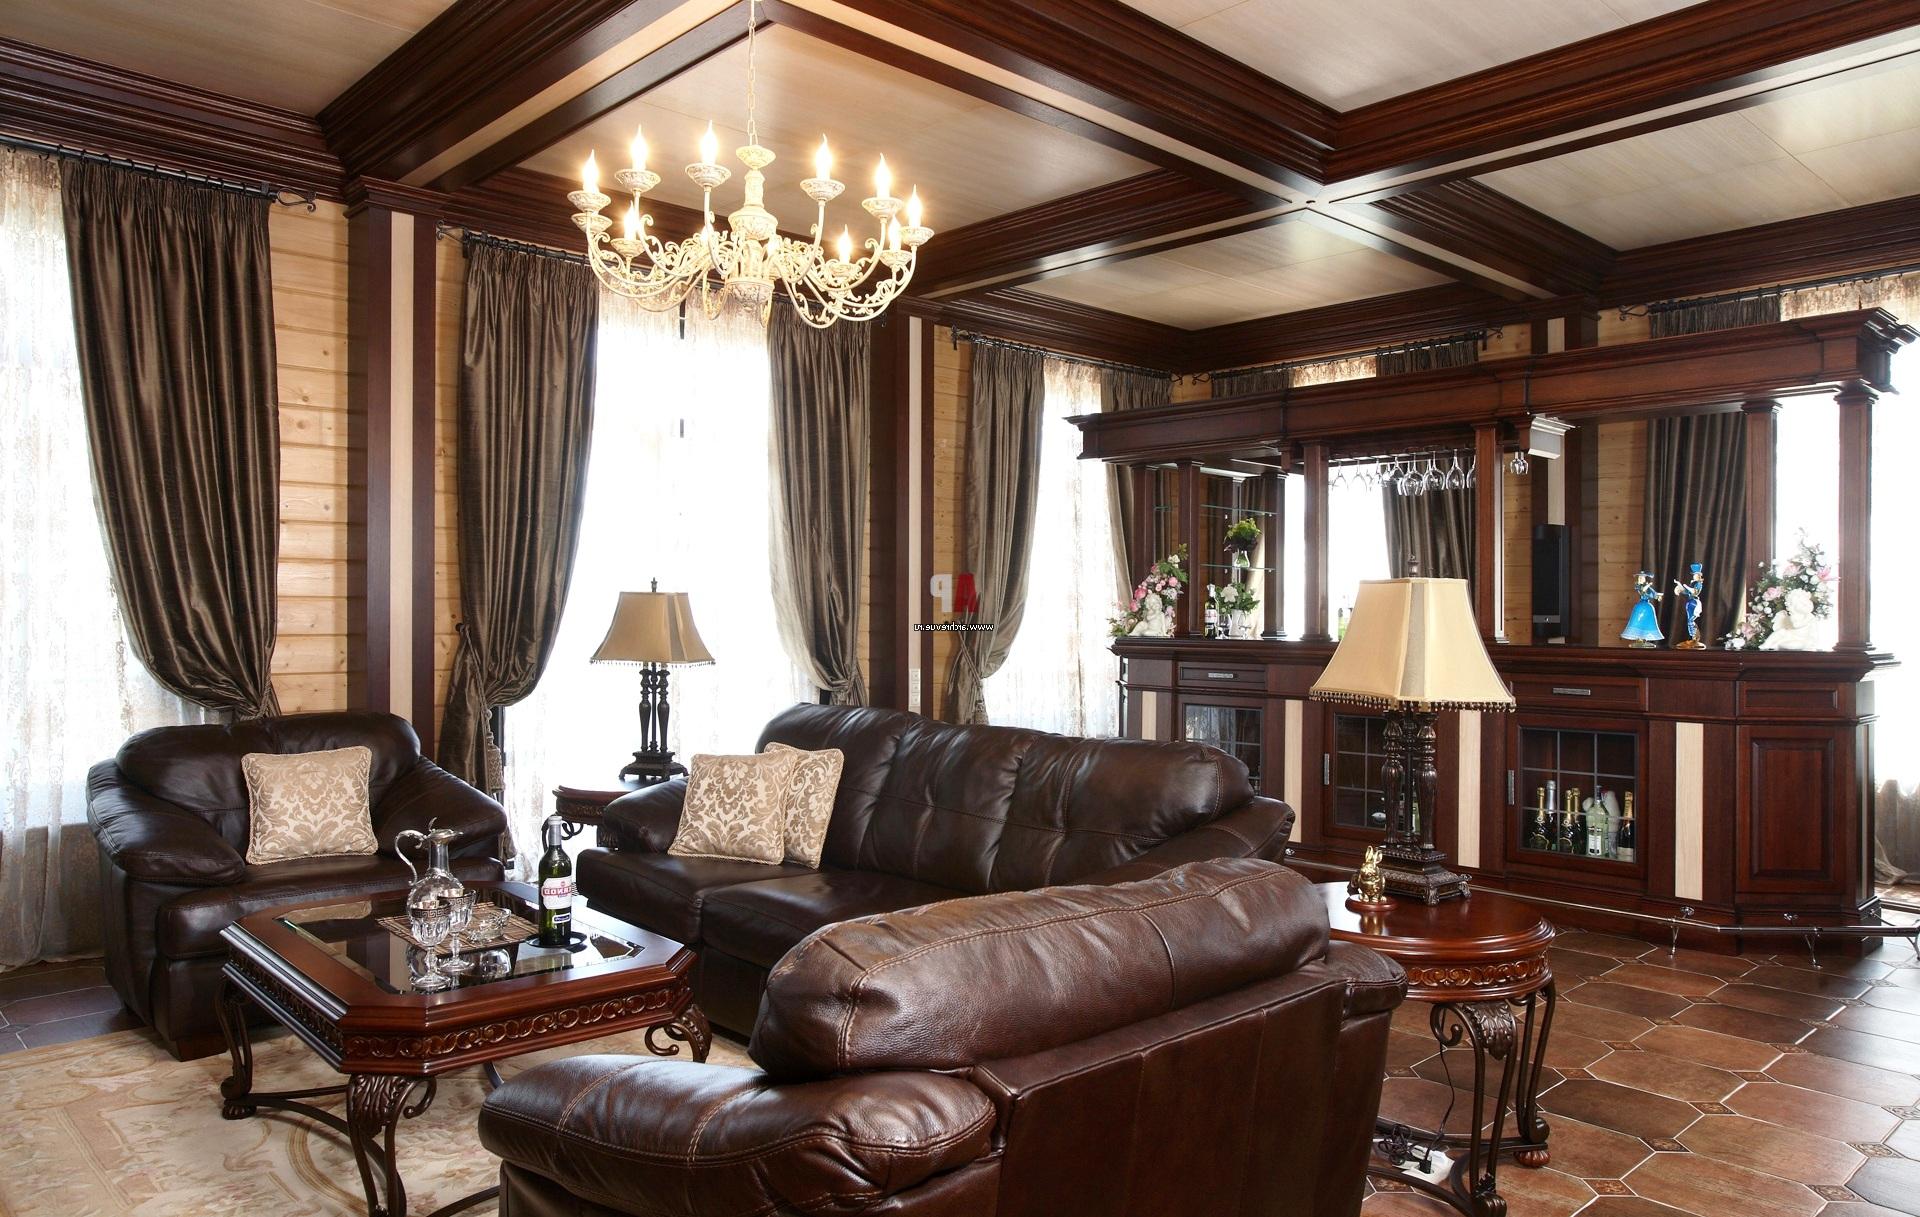 При помощи английского стиля хозяева подчеркивают собственную аристократичность и хороший вкус